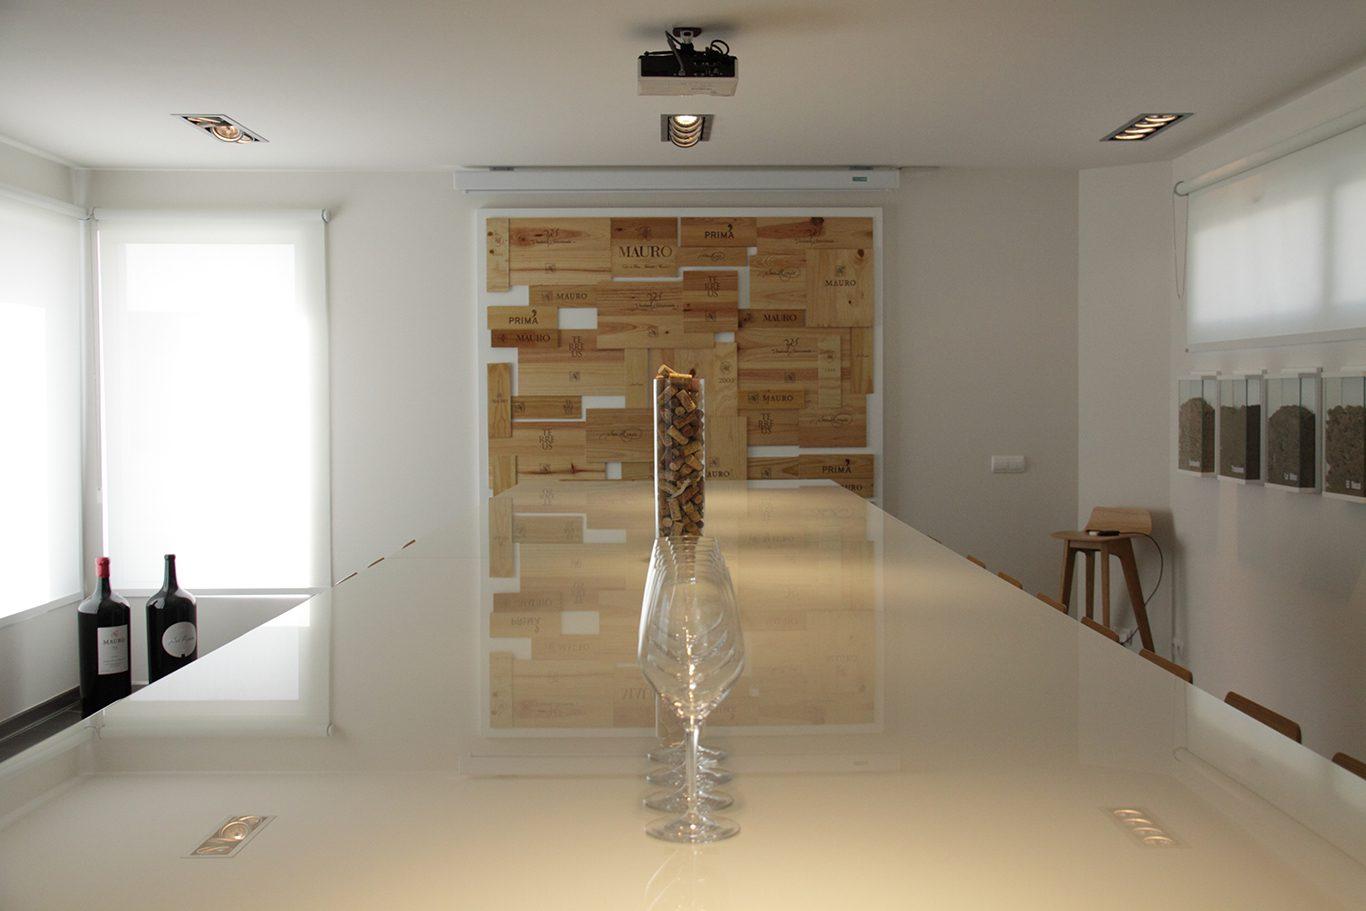 Sala de catas bodegas Mauro detalle mesa   Muebles de oficina Spacio